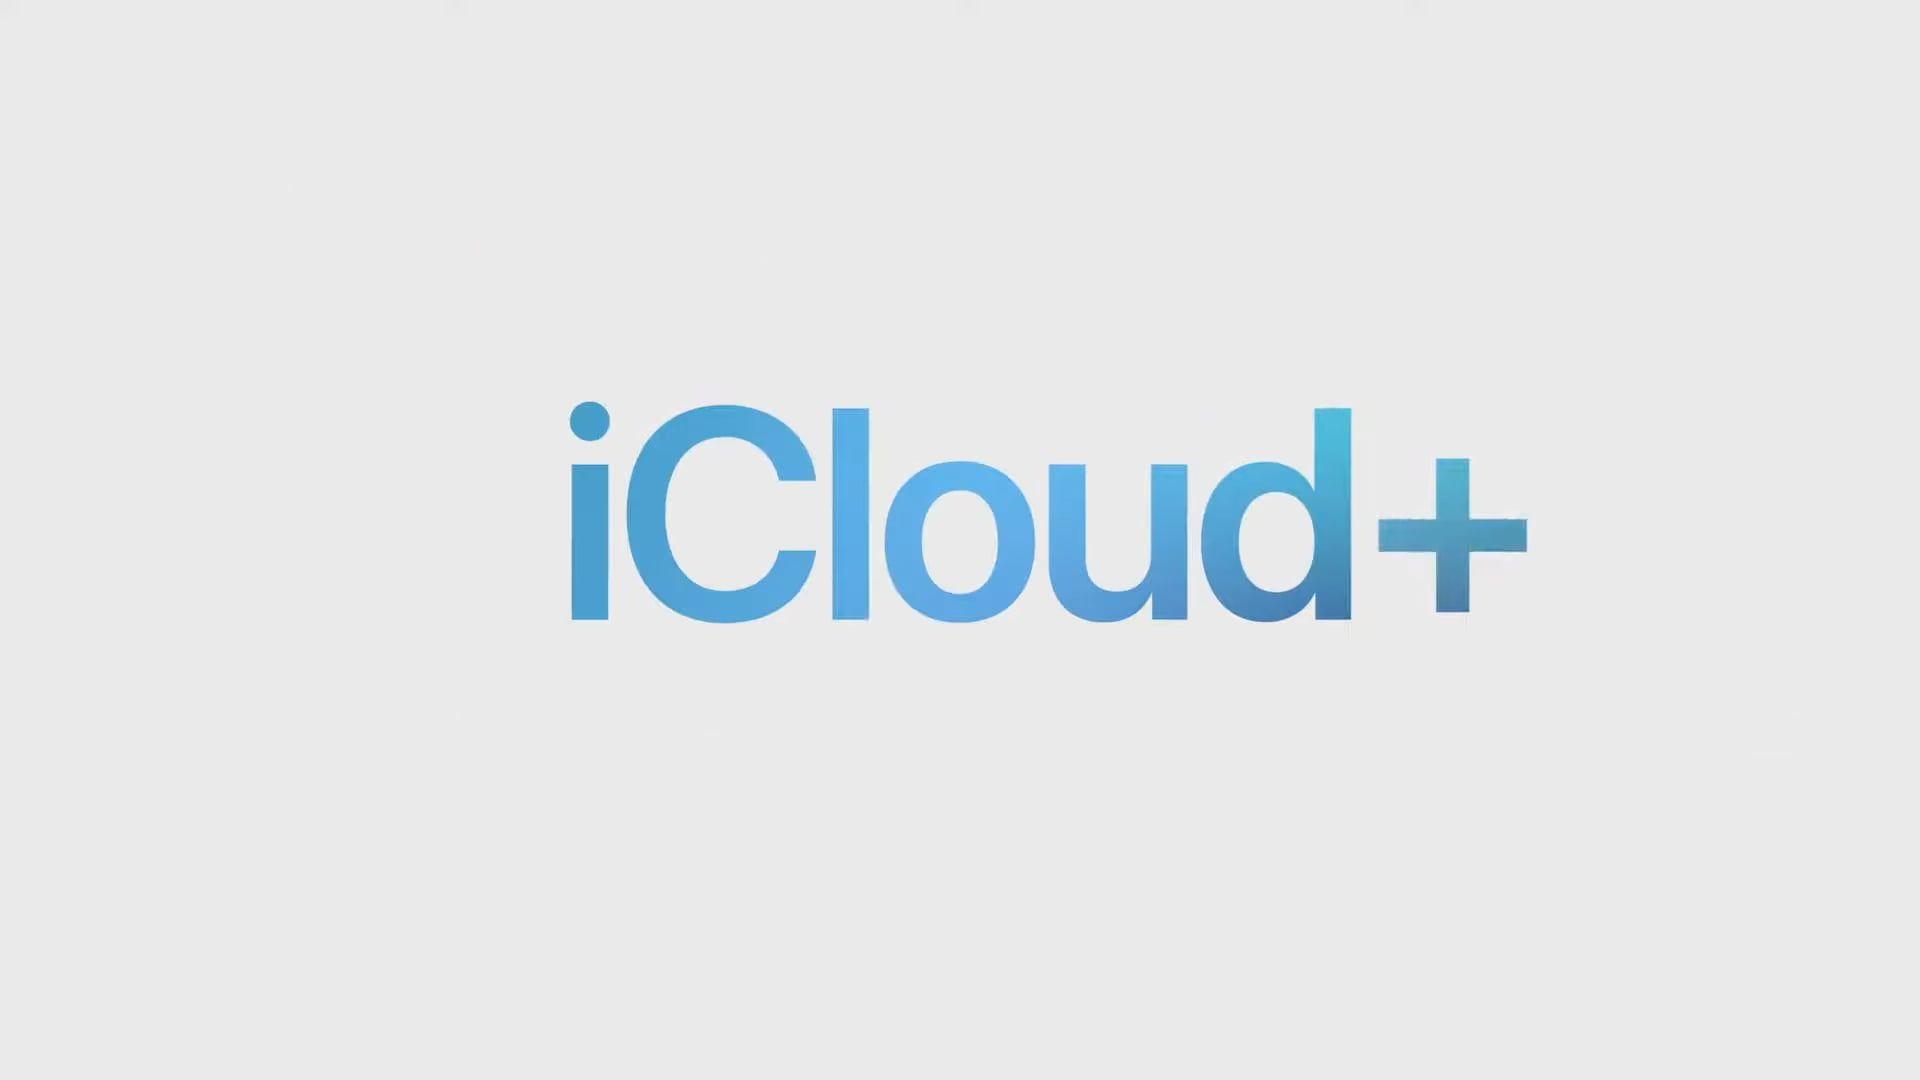 Firma Apple pokazała nowy serwis o nazwie iCloud+